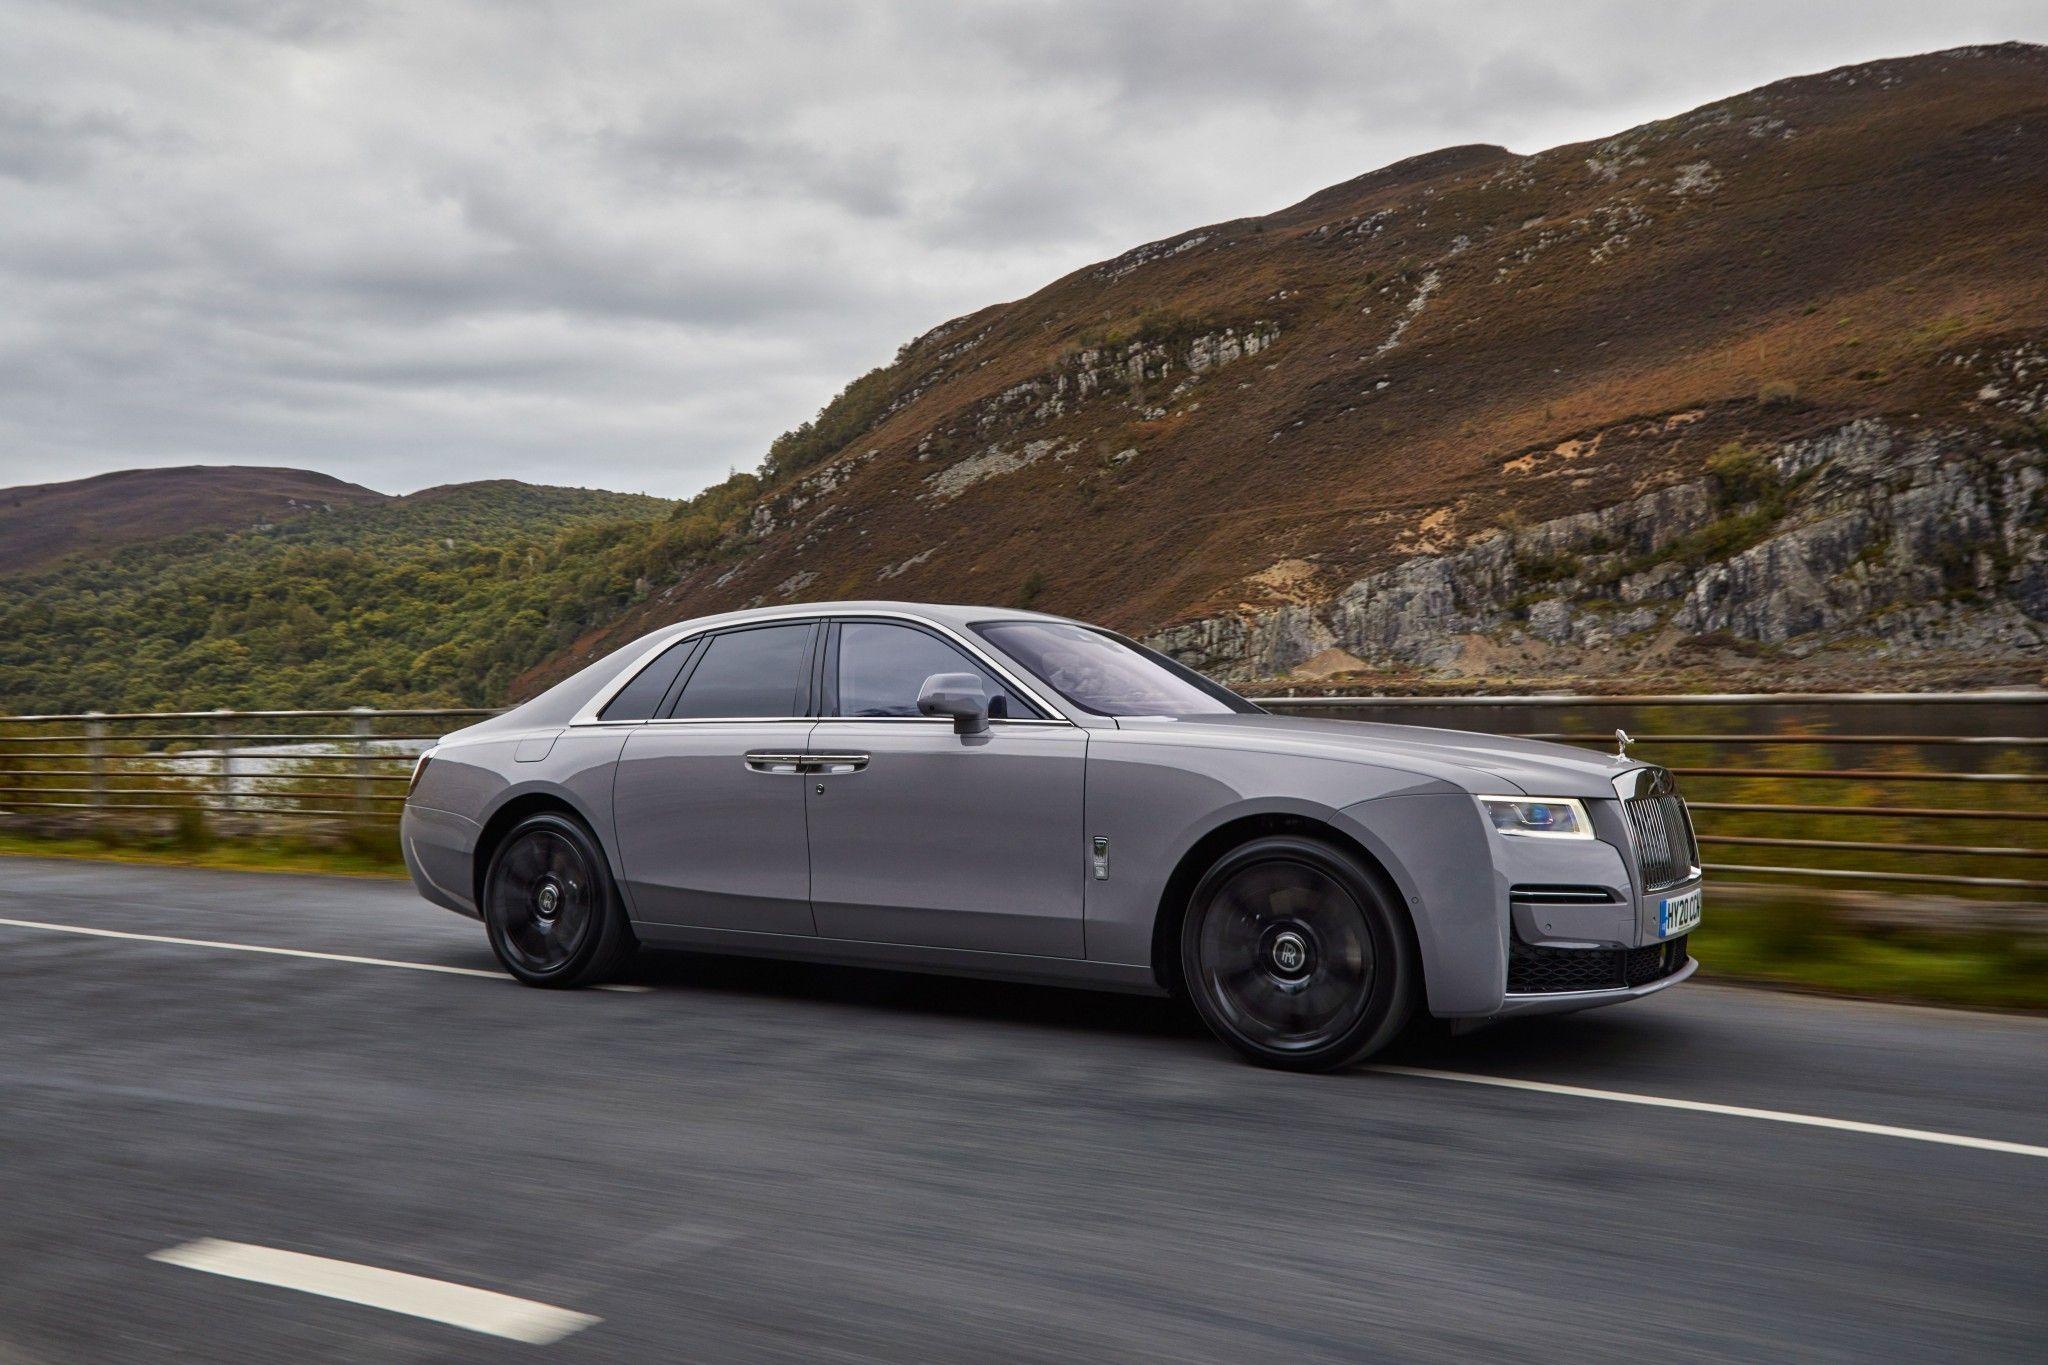 2020 Rolls Royce Ghost